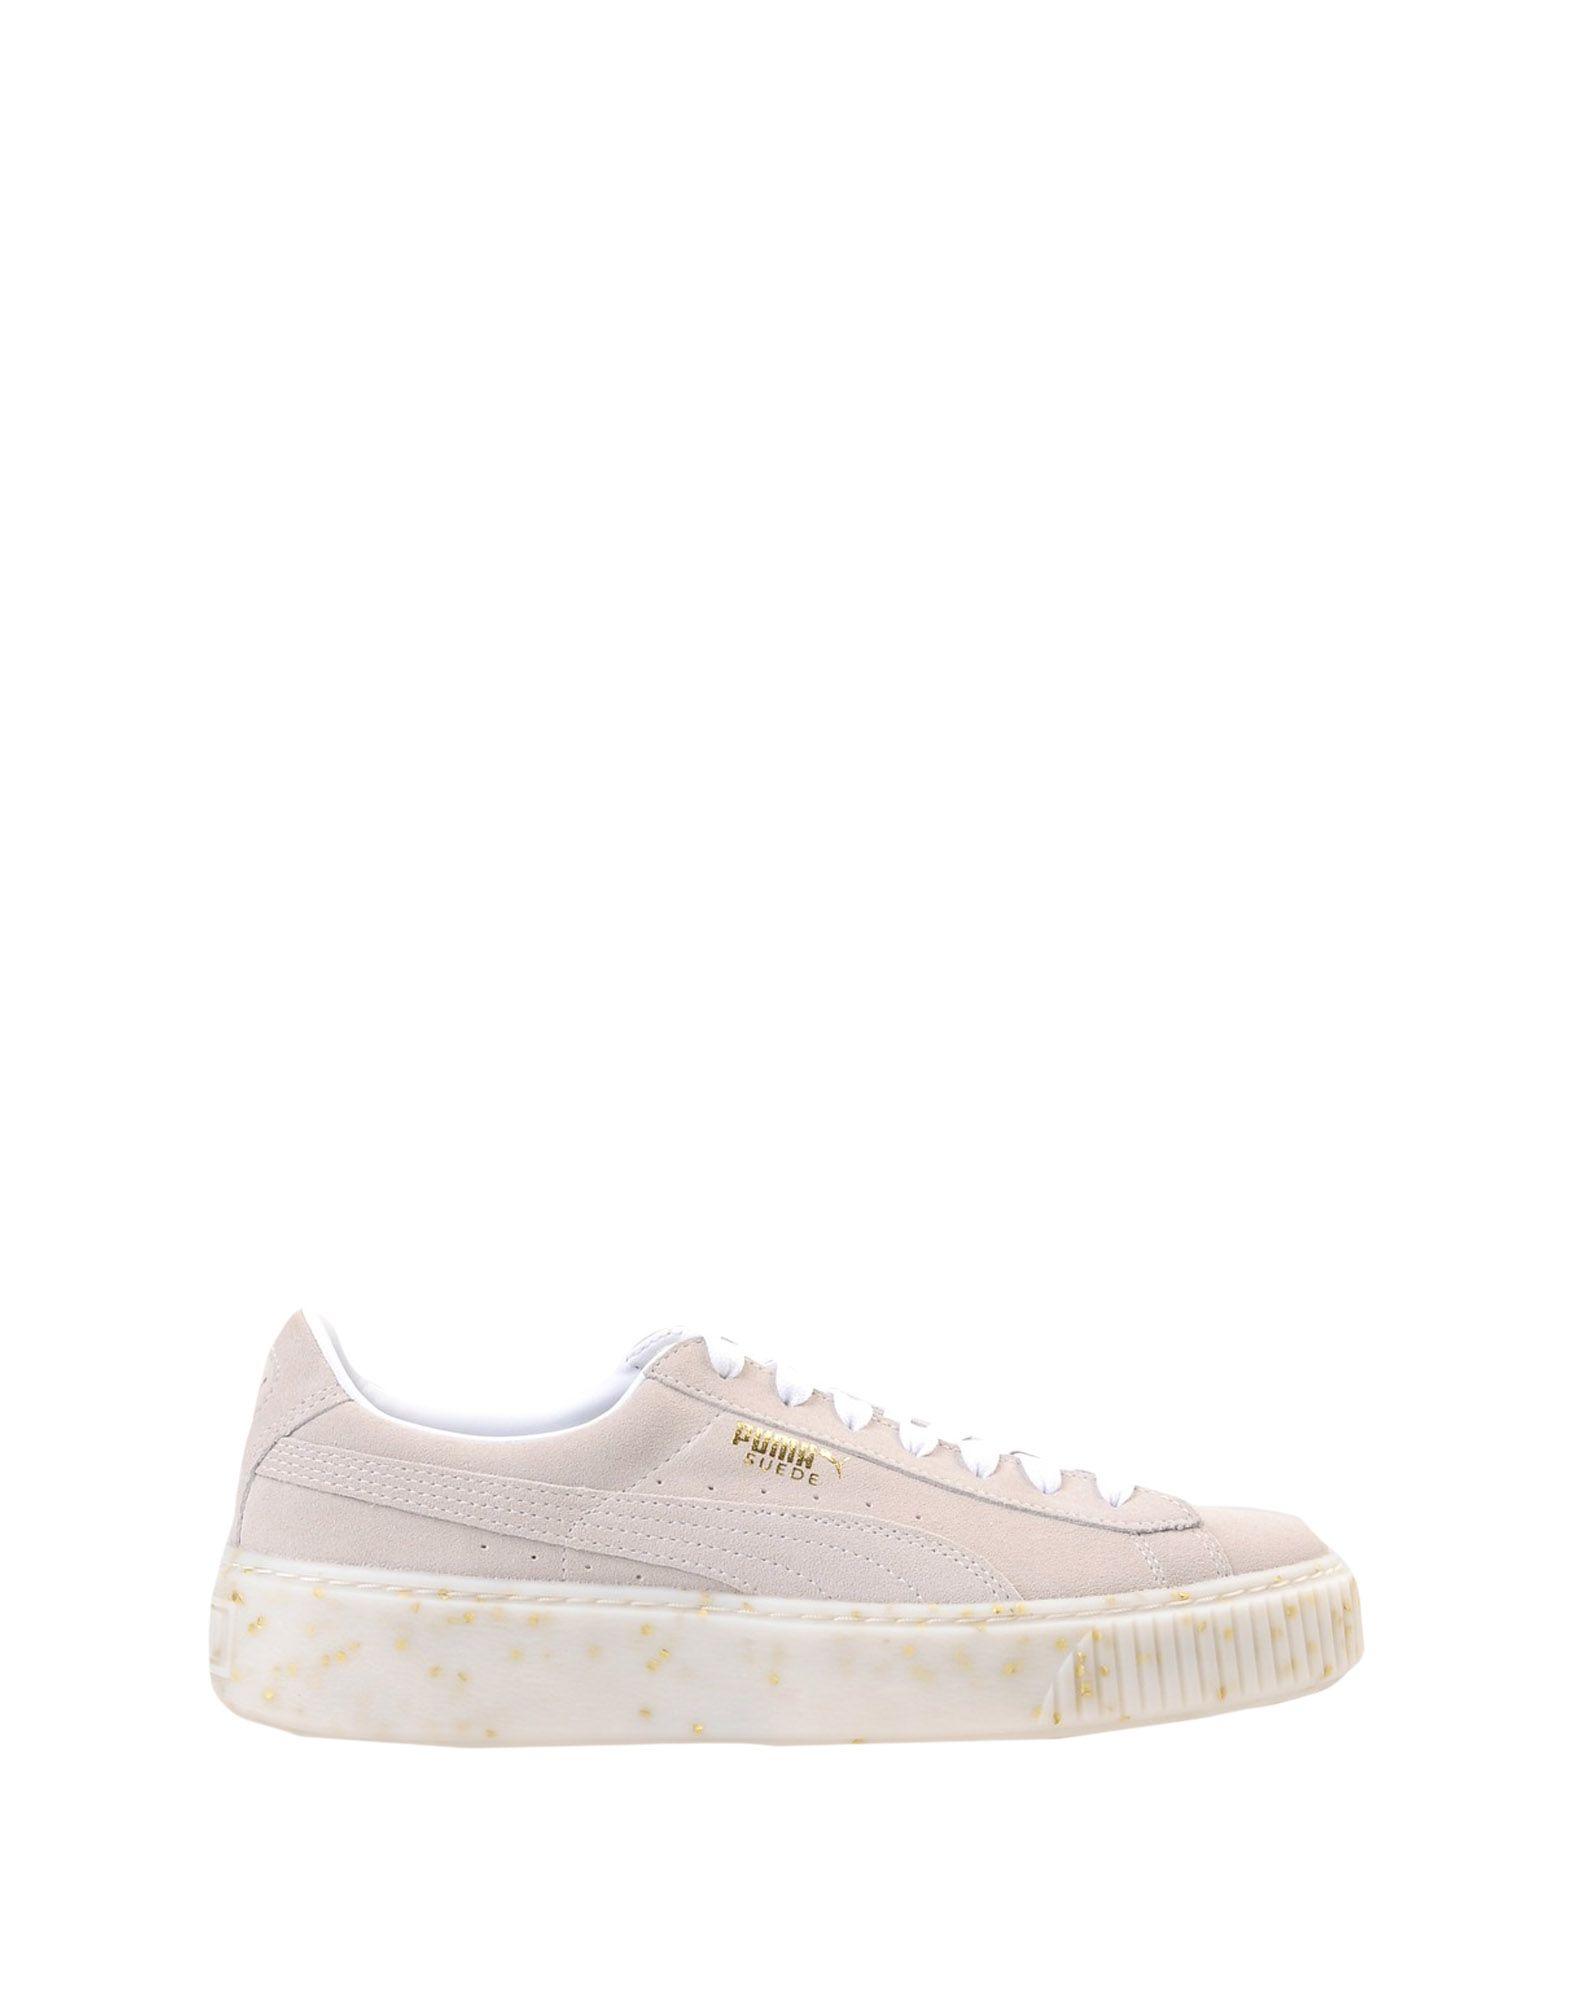 Puma Suede Platform Qualität Bboy Fab Wn's  11461498PR Gute Qualität Platform beliebte Schuhe 3a17d9